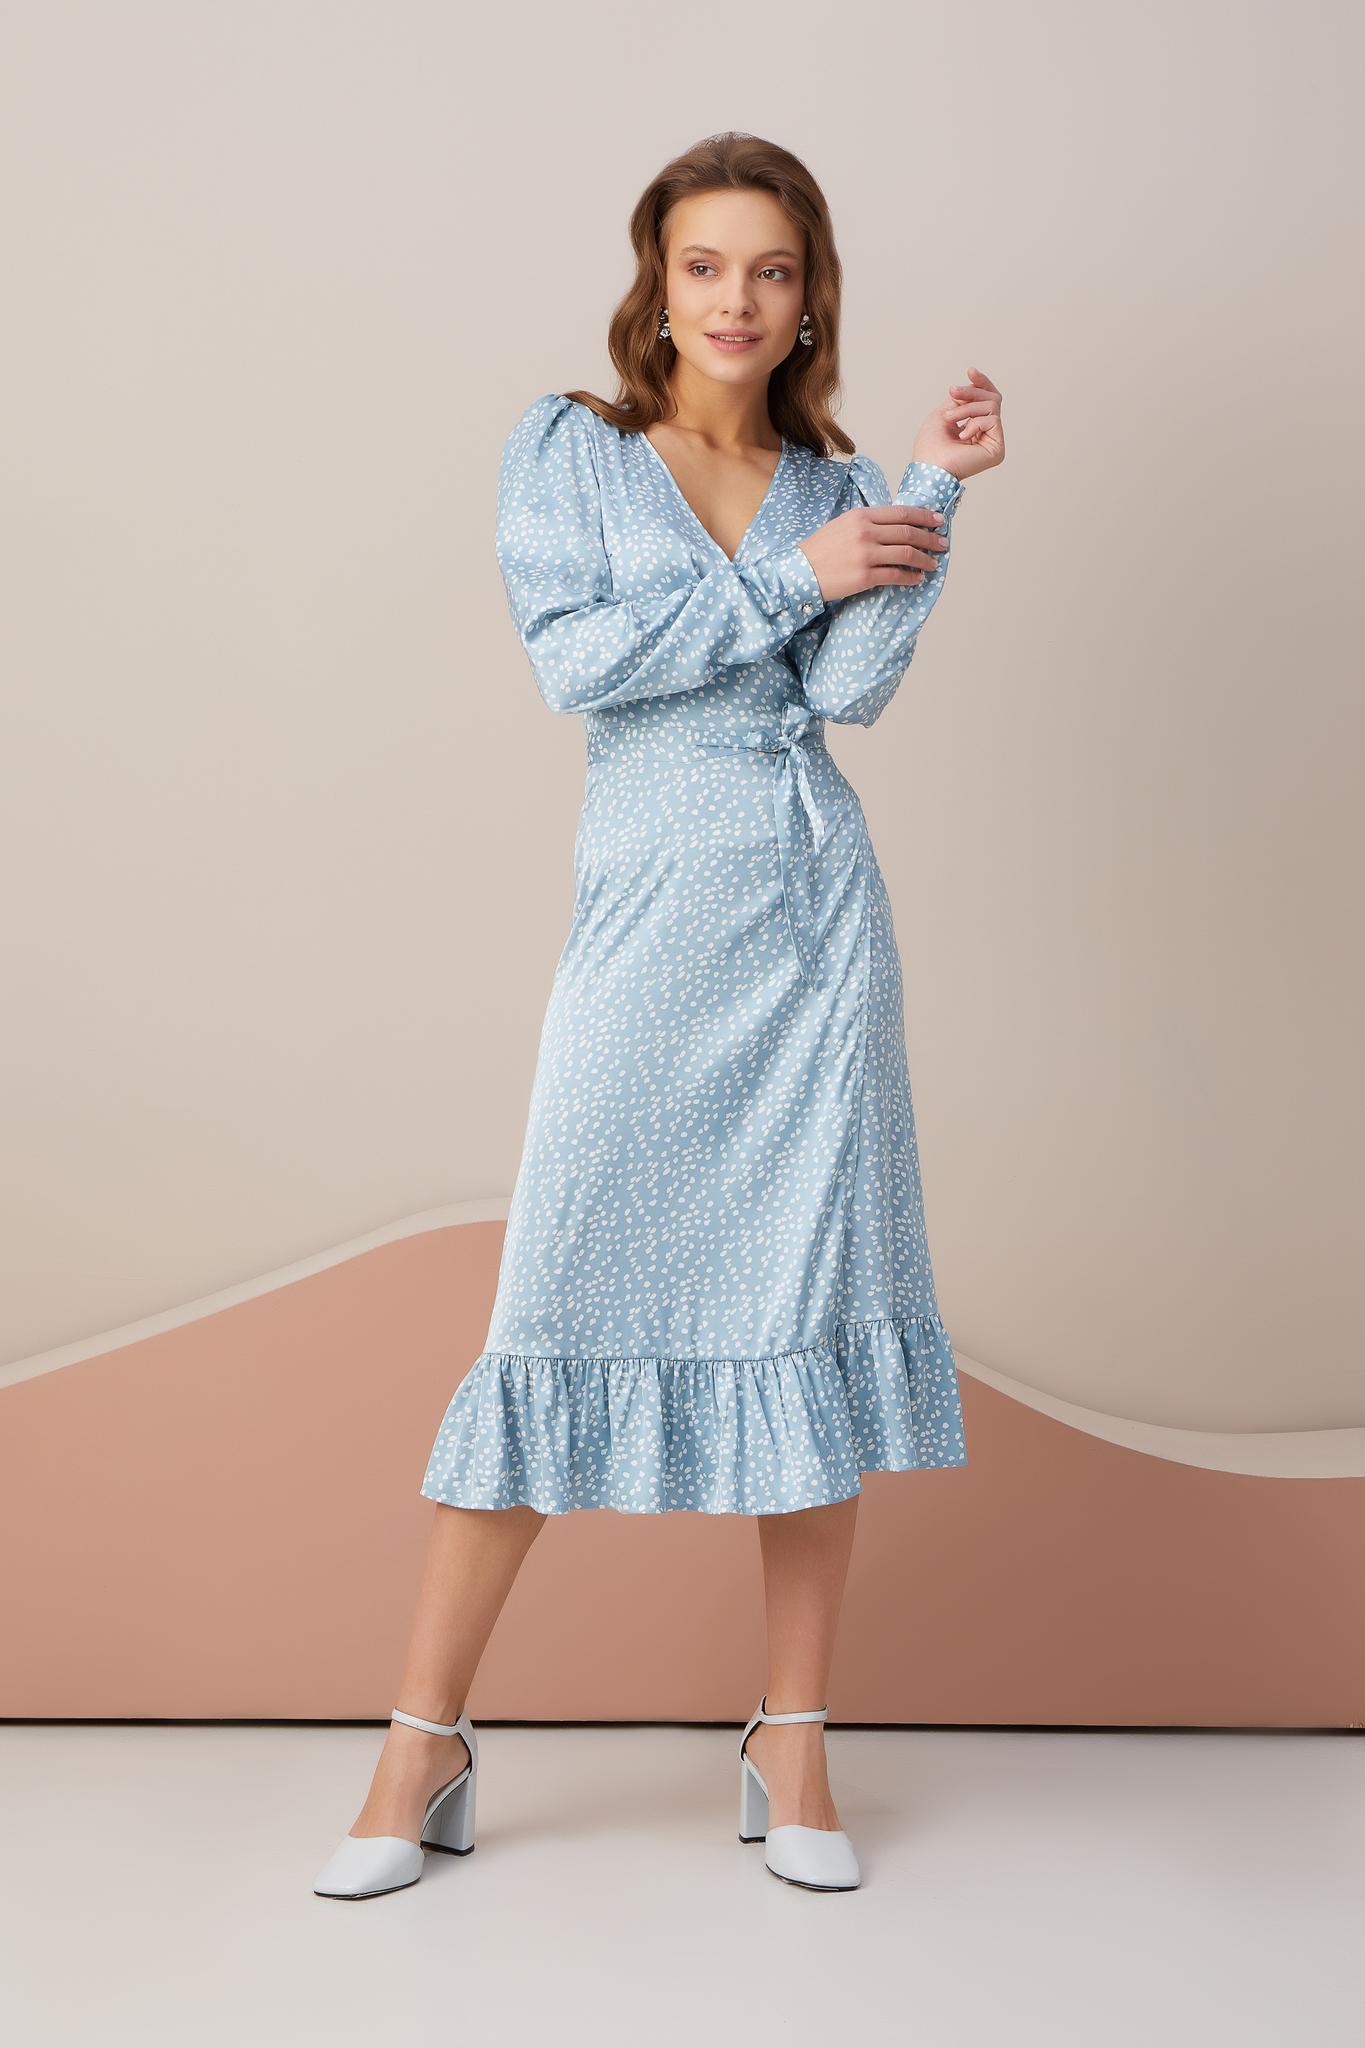 Платье с длинным рукавом на запах (пятна на голубом)